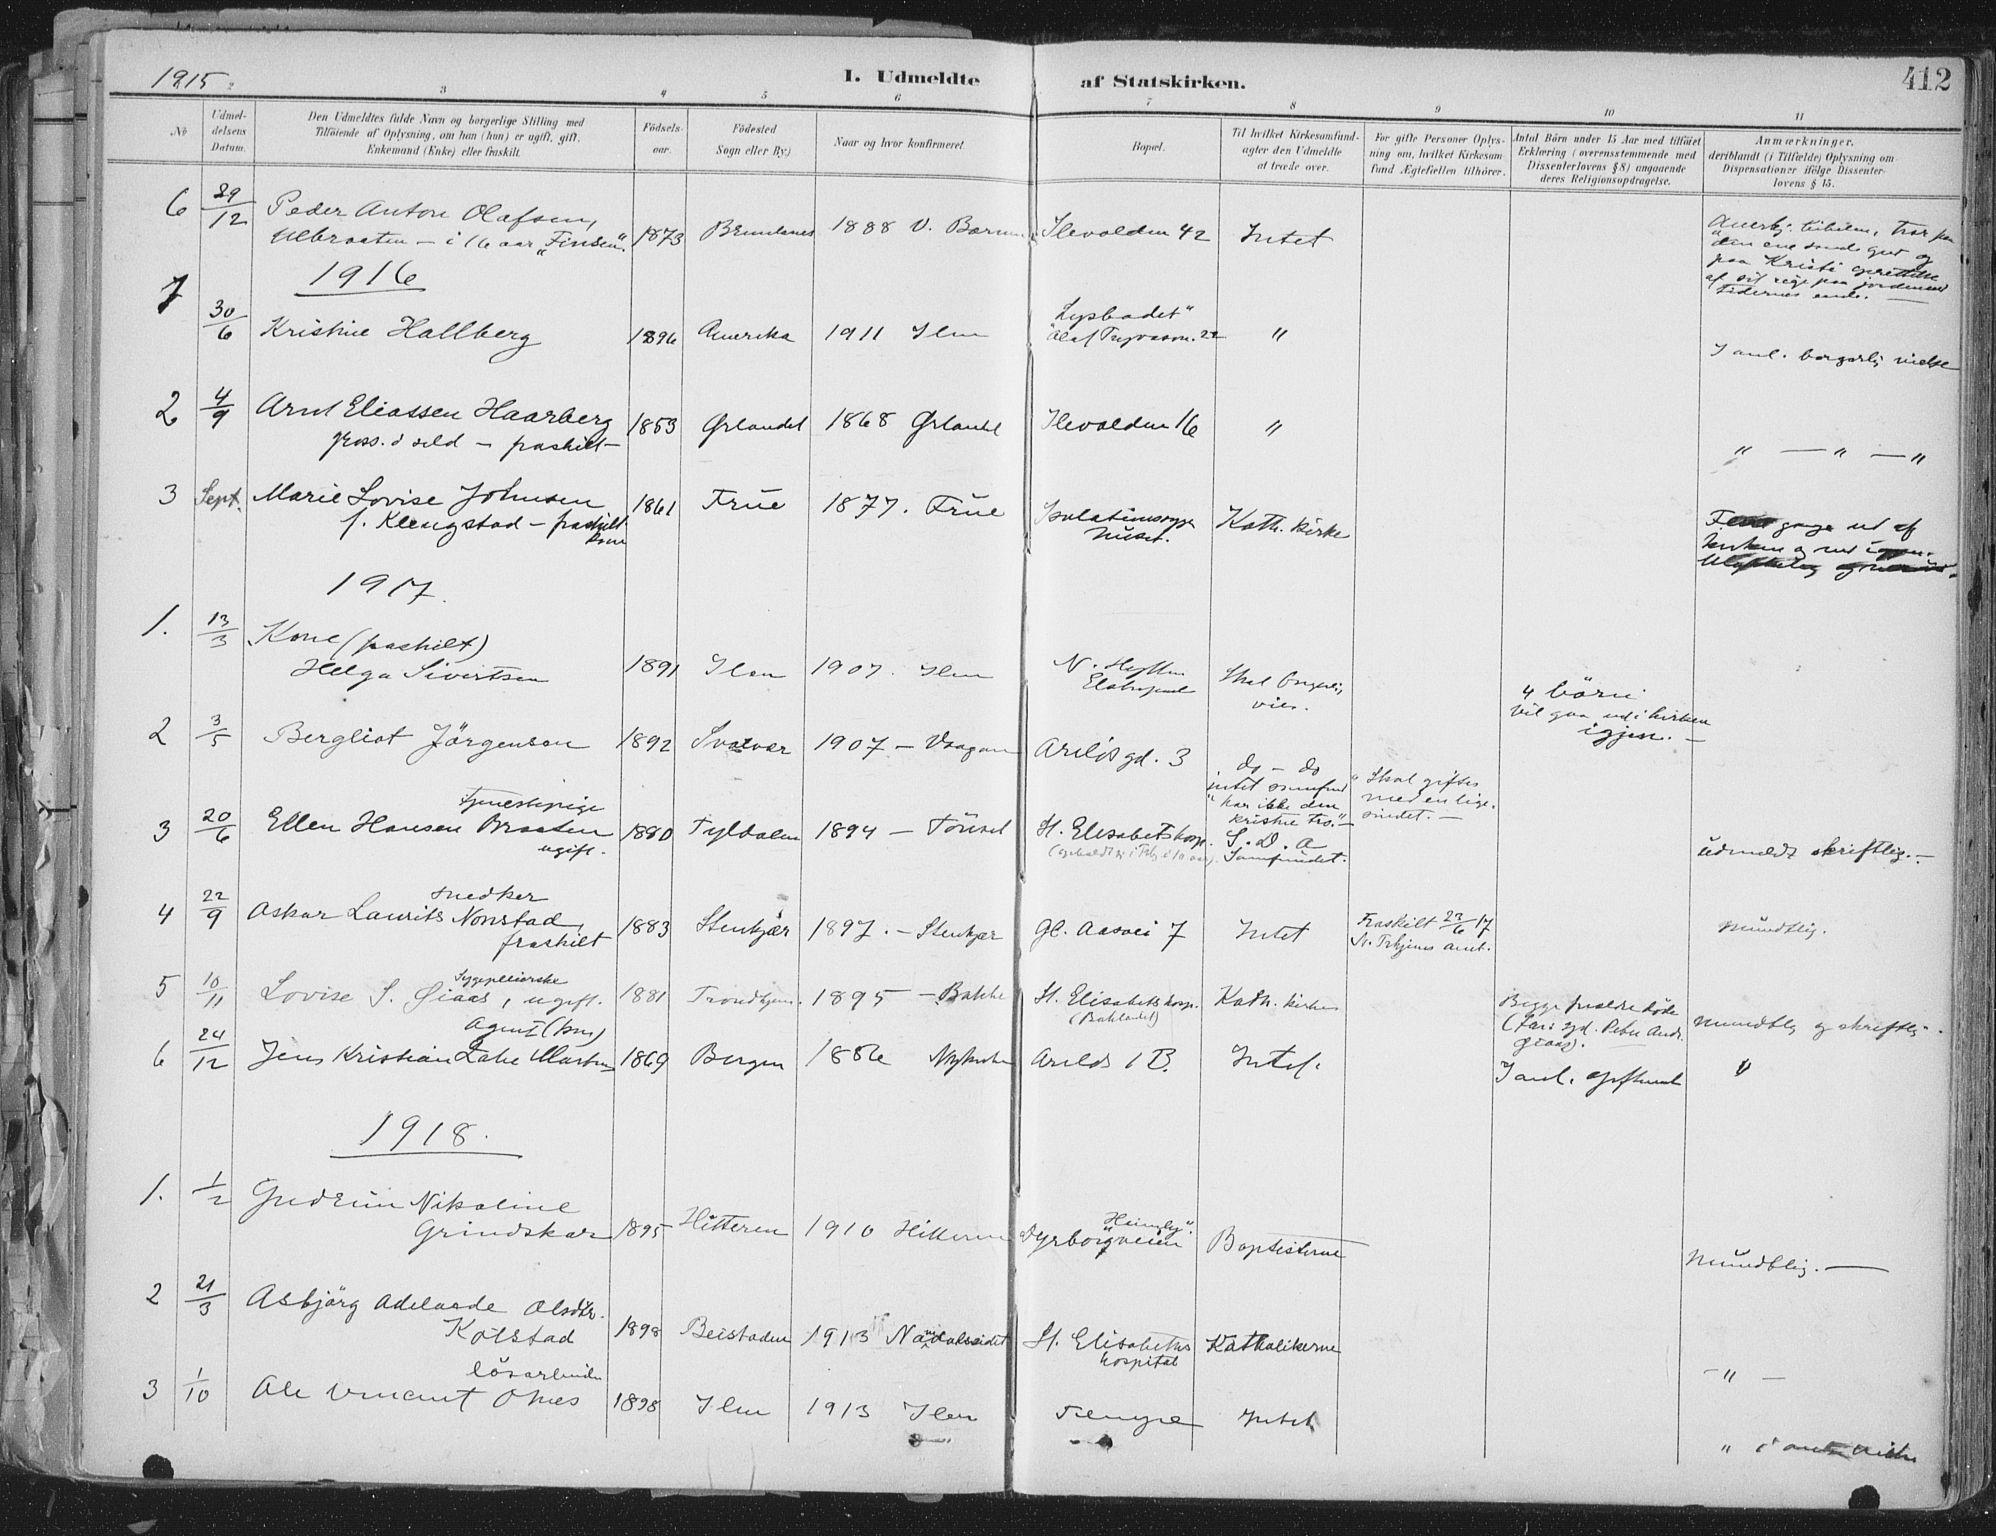 SAT, Ministerialprotokoller, klokkerbøker og fødselsregistre - Sør-Trøndelag, 603/L0167: Ministerialbok nr. 603A06, 1896-1932, s. 412